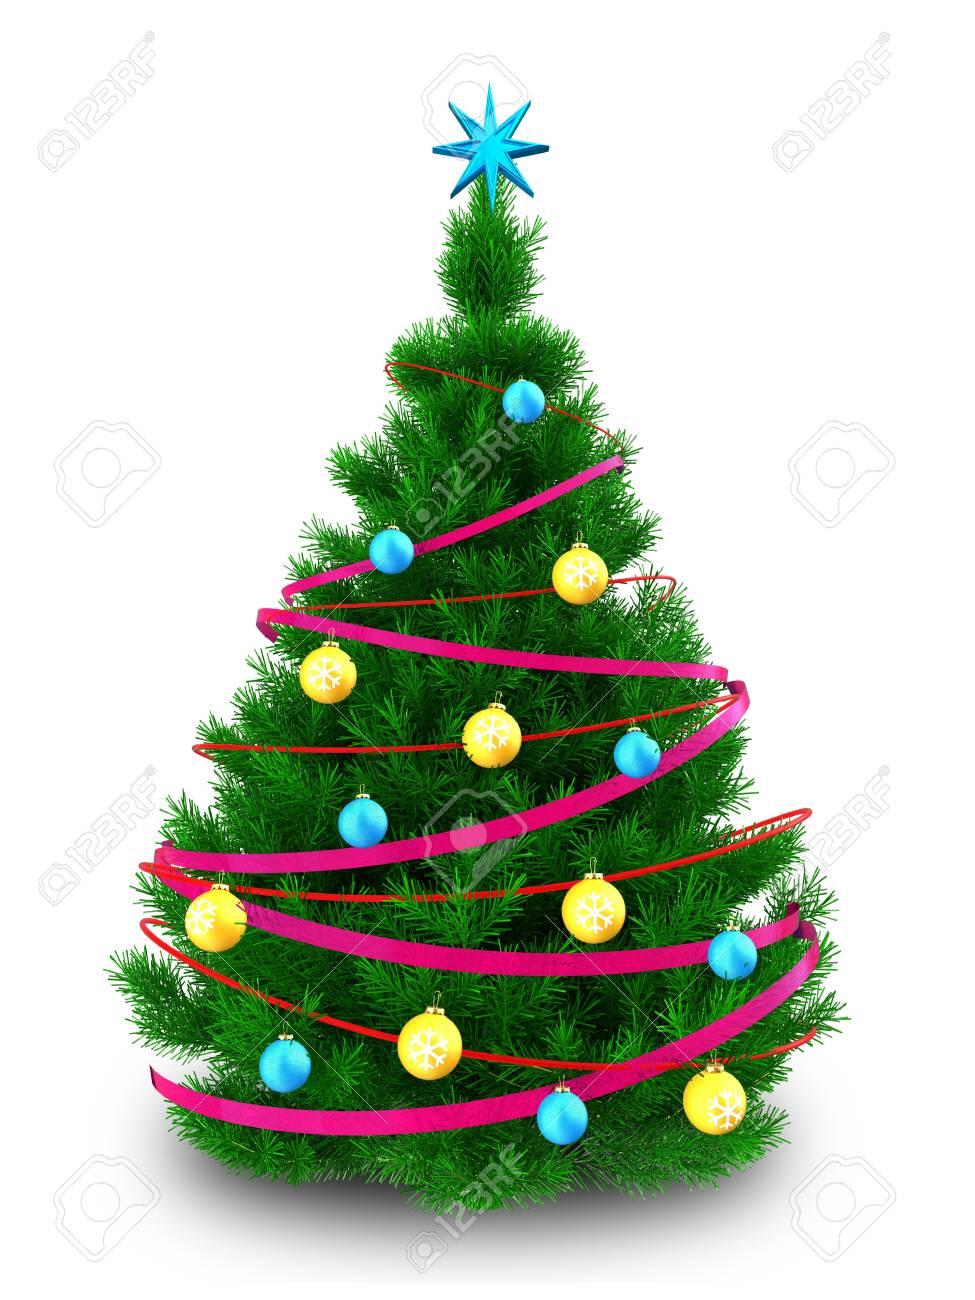 Albero Di Natale 3d.Immagini Stock Illustrazione 3d Dell Albero Di Natale Con Il Nastro Sopra Priorita Bassa Bianca Image 89084522